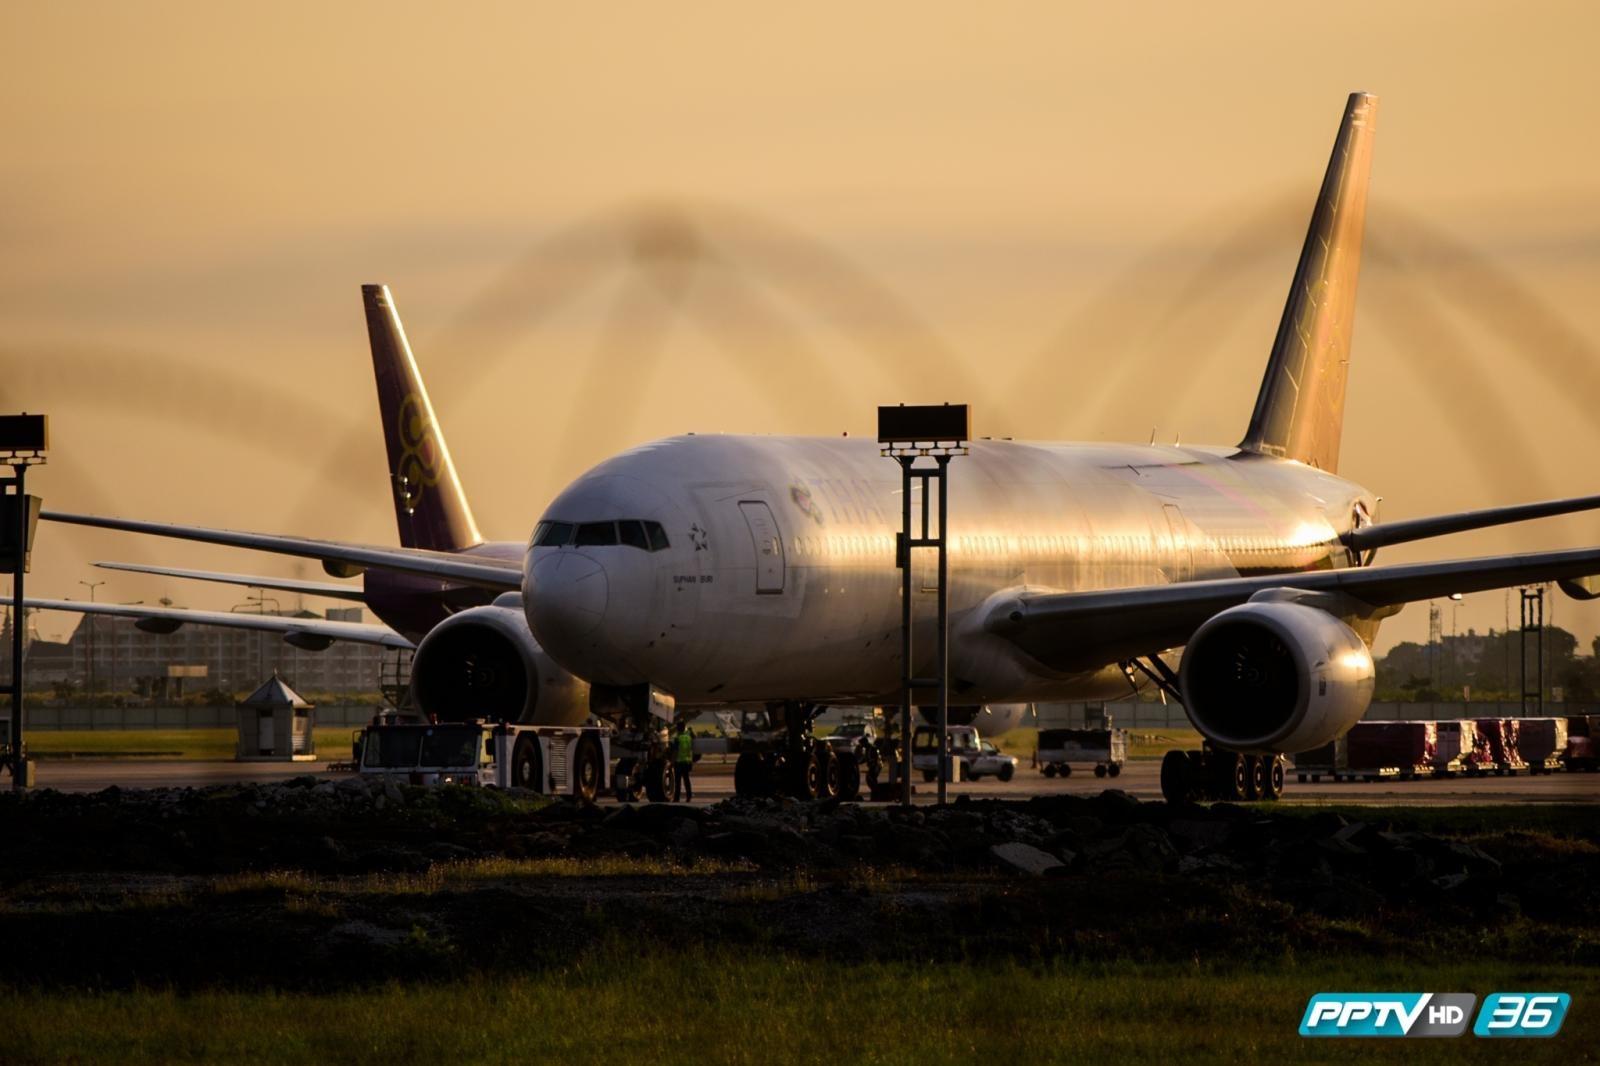 """การบินไทยแจงกรณีให้บริการ """"เที่ยวบินเช่าเหมาลำข้ามทวีป"""""""